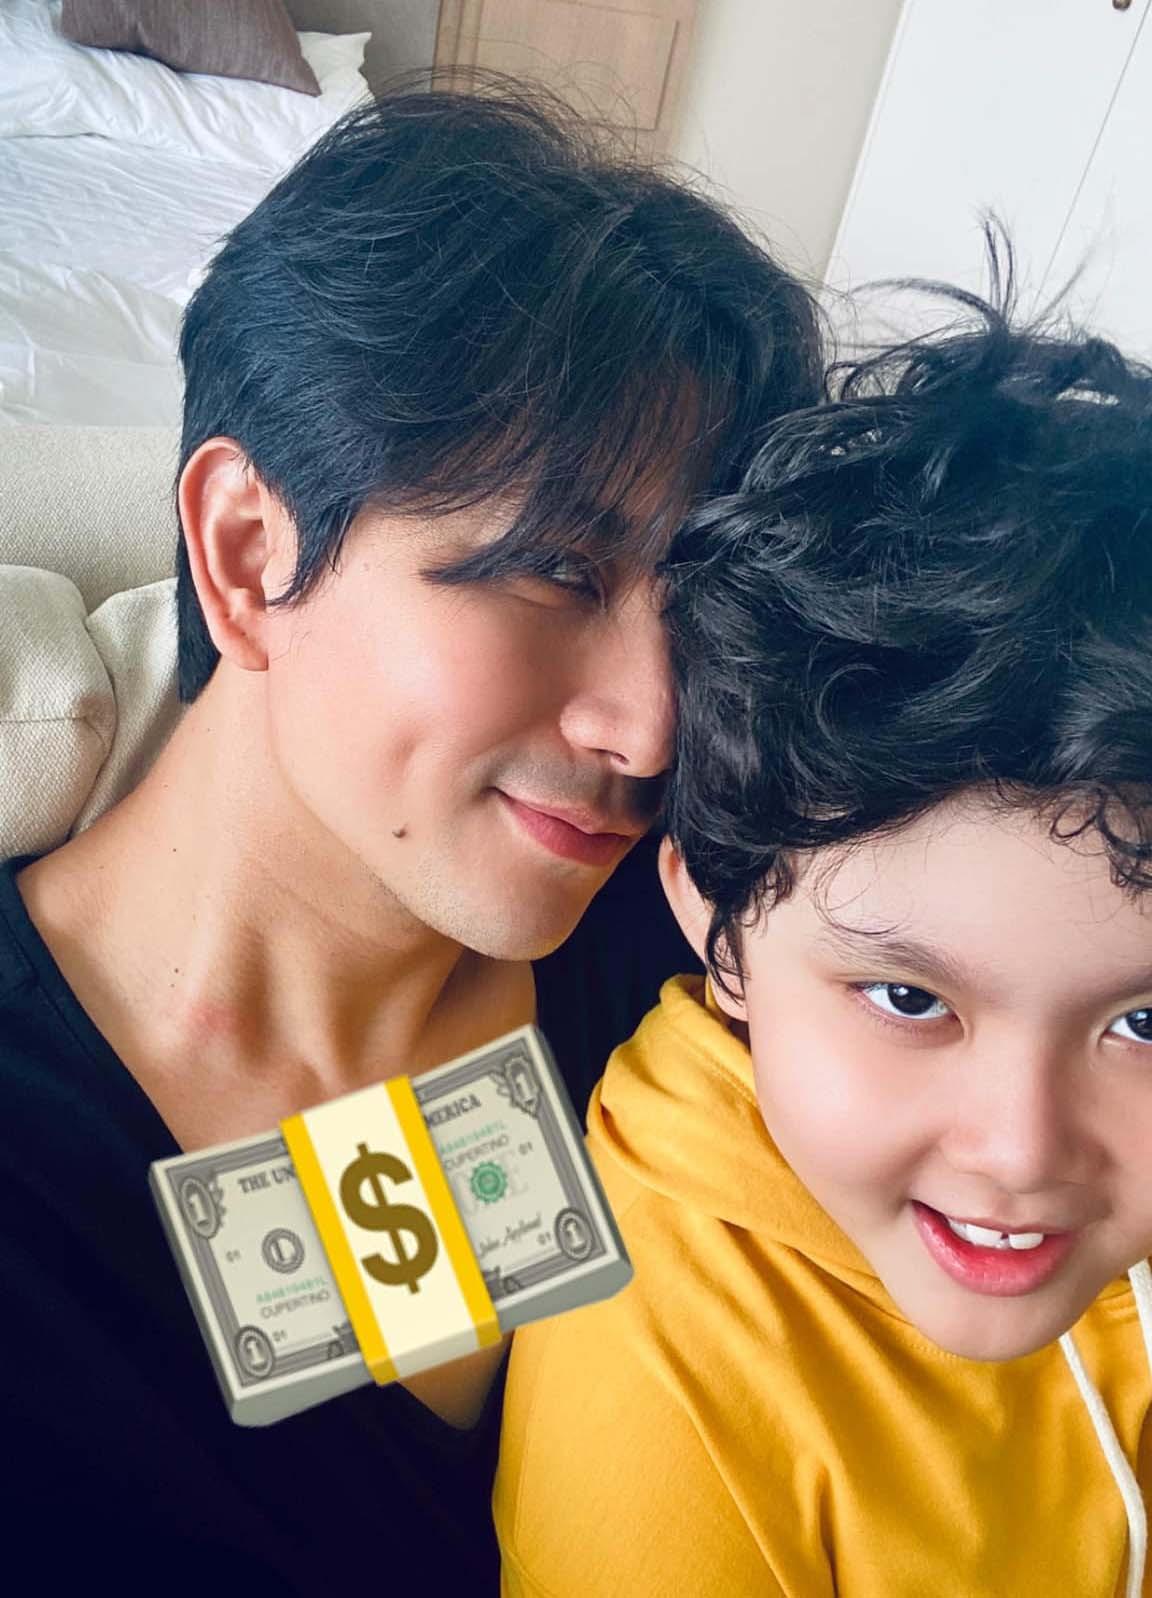 Ly hôn Trương Quỳnh Anh, Tim công khai thể hiện mong muốn tột bậc về đời sống riêng tư 4